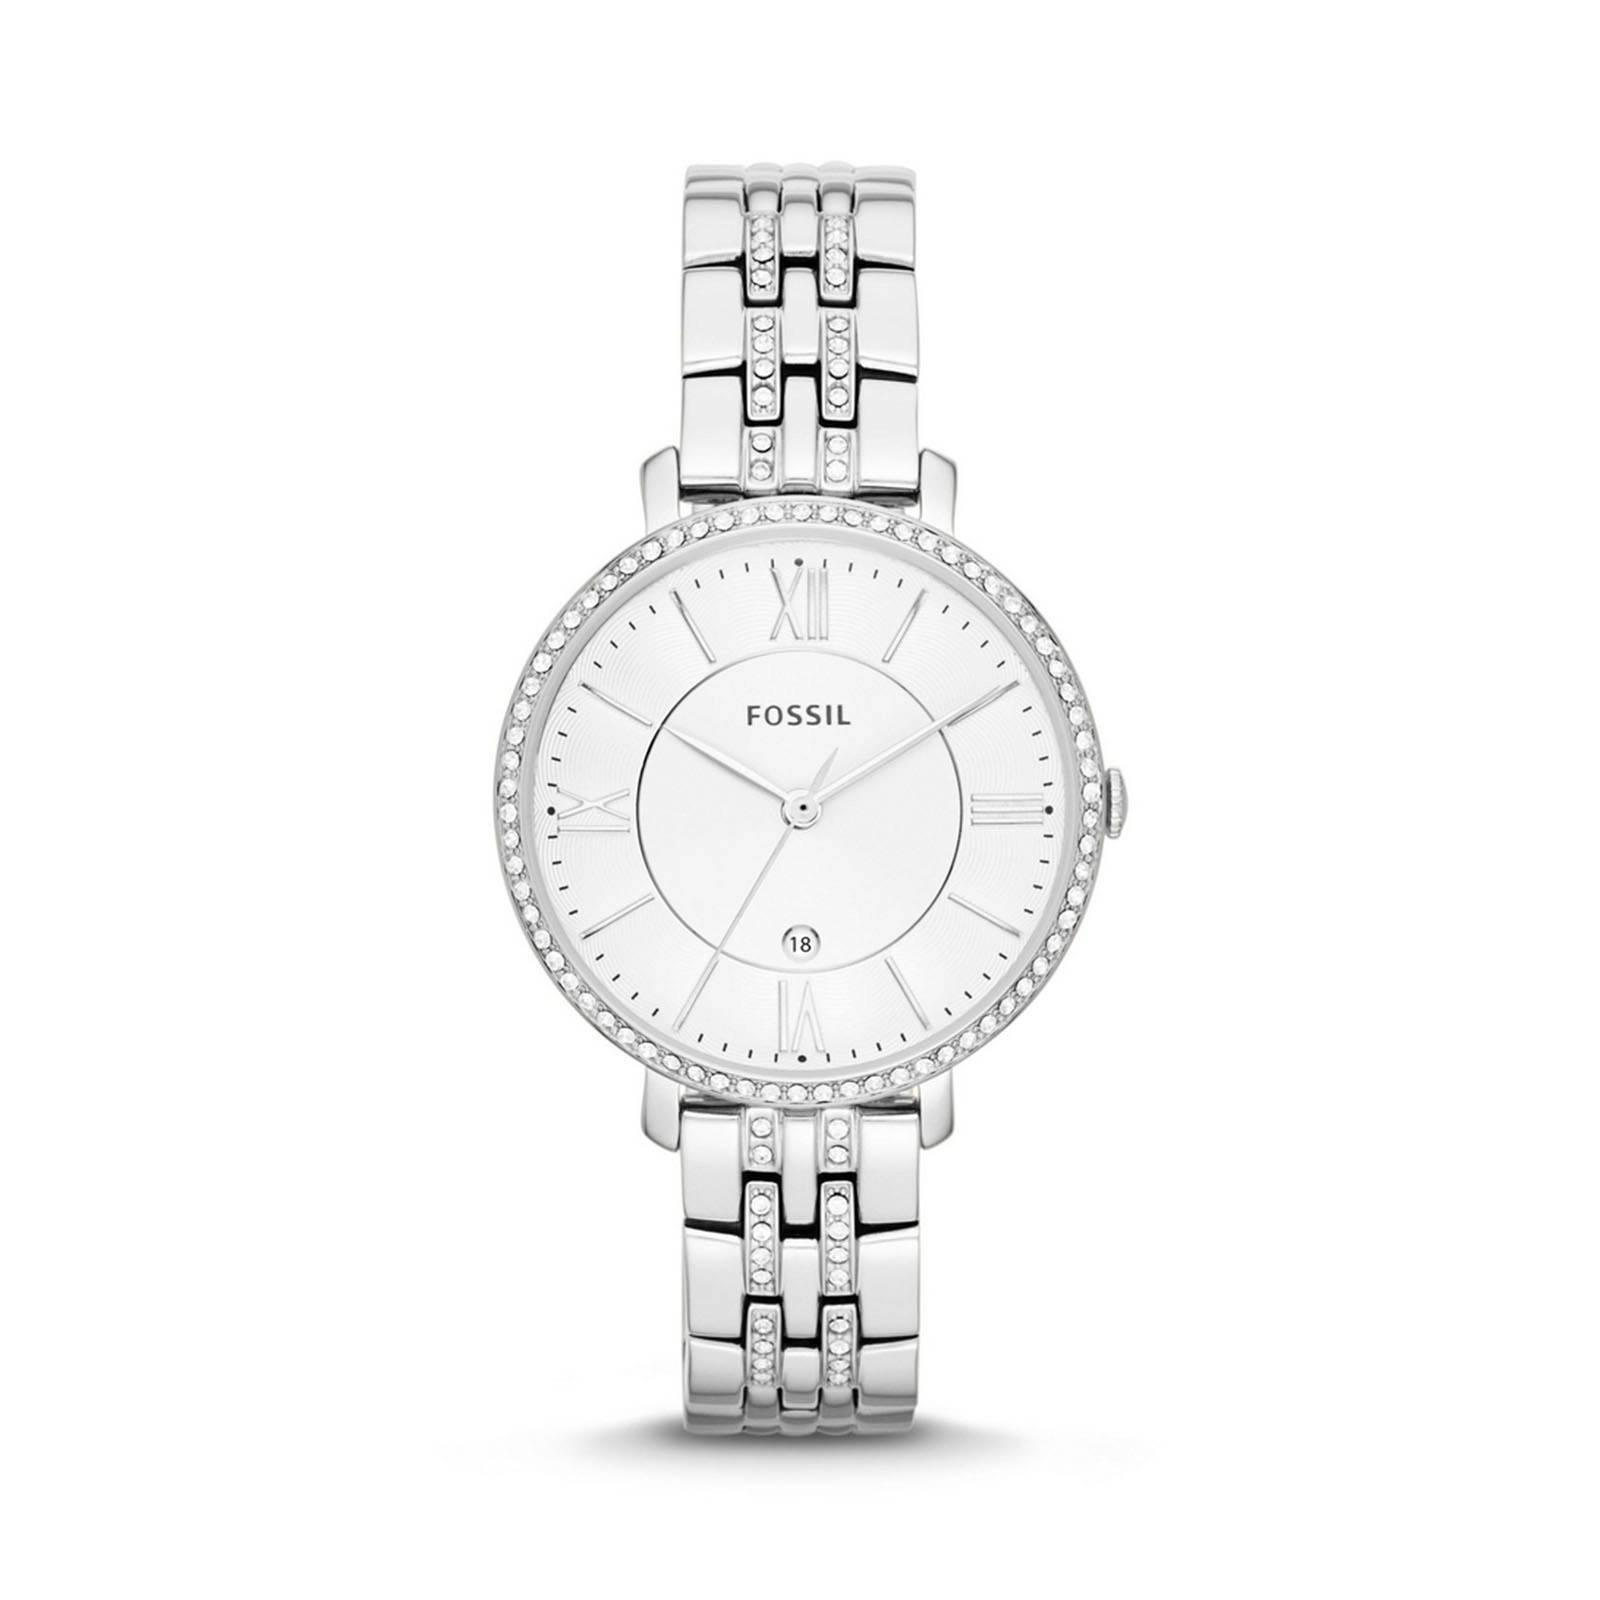 ▷ Fossil horloge dames zilver kopen? | Online Internetwinkel